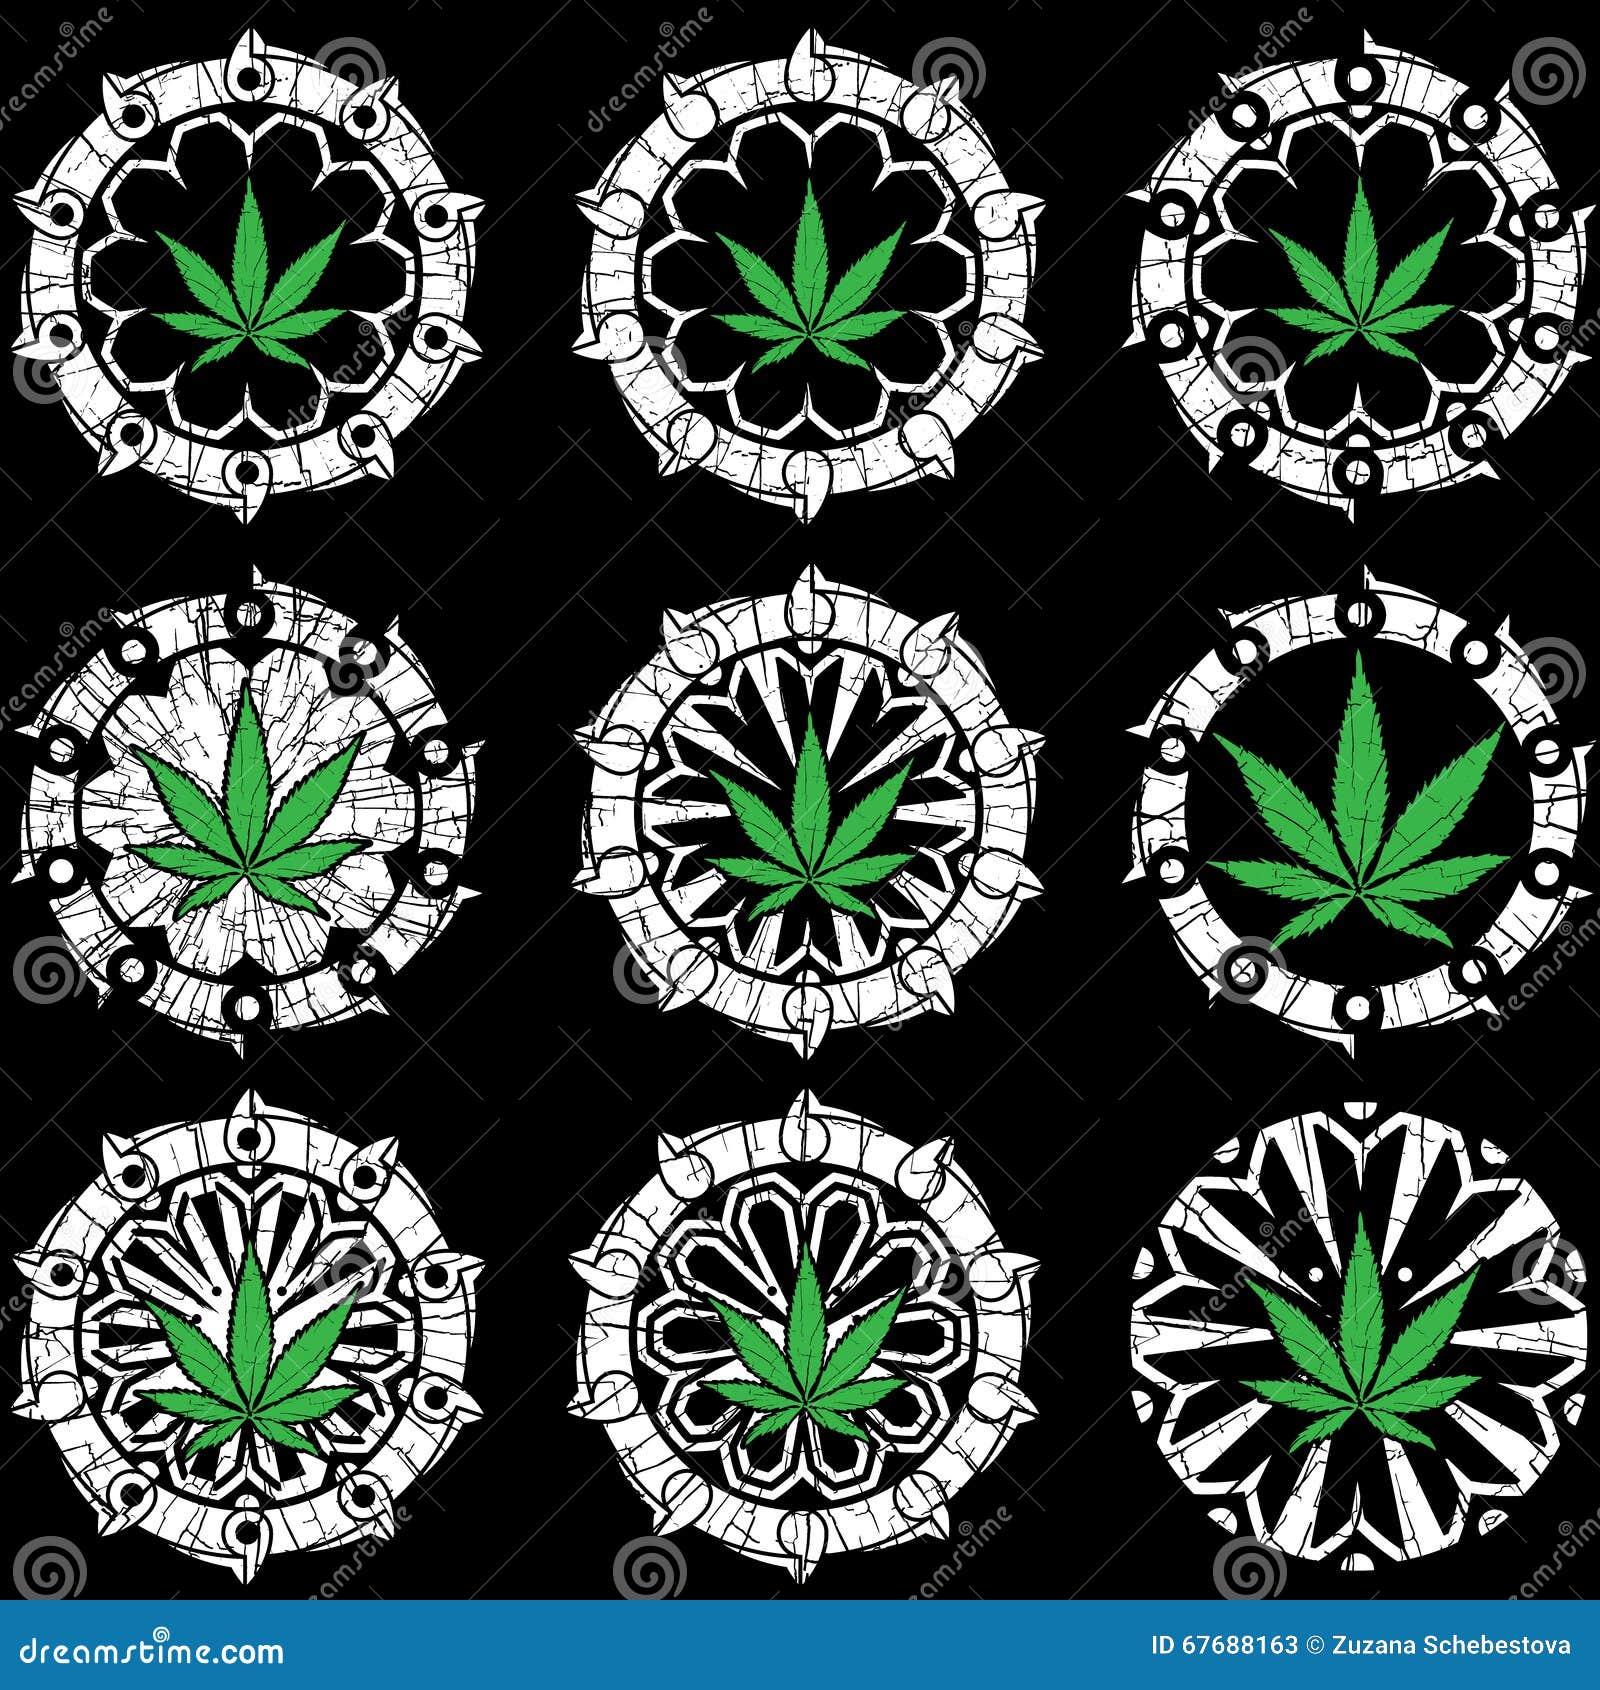 Marijuana cannabis leaf symbol on textured geometric background marijuana cannabis leaf symbol on textured geometric background biocorpaavc